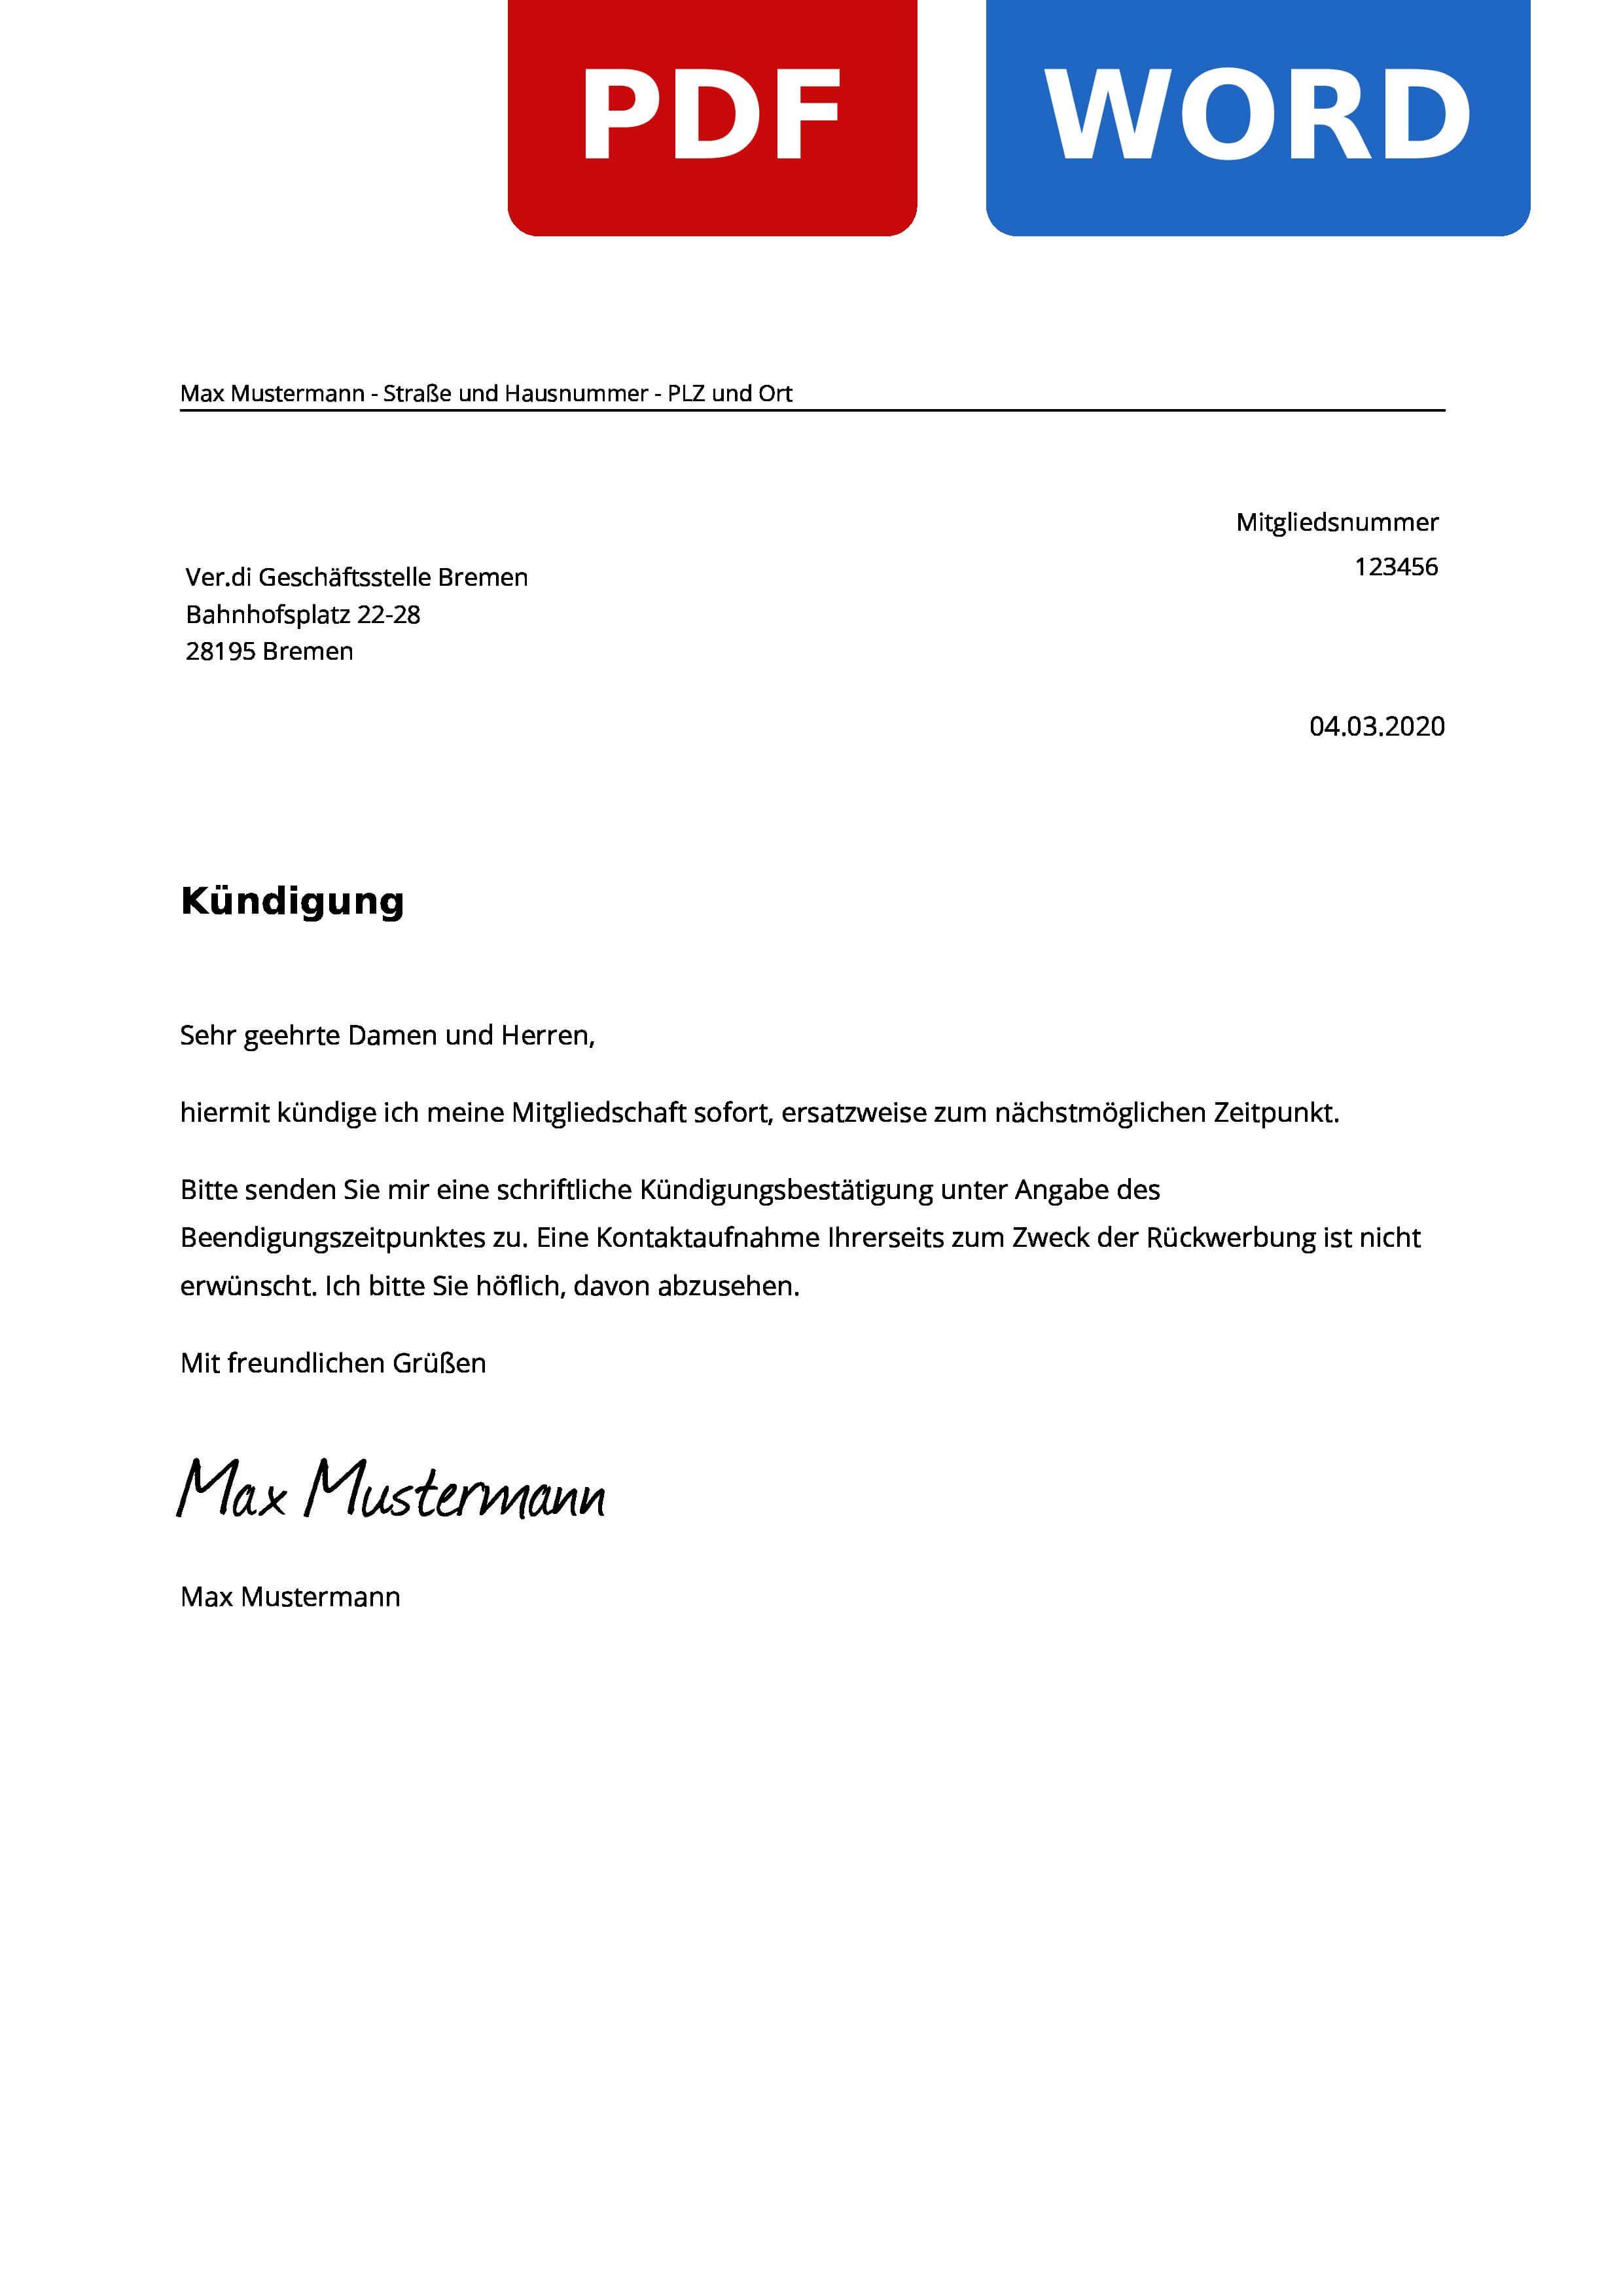 Verdi Bremen Kundigen Muster Vorlage Zur Kundigung